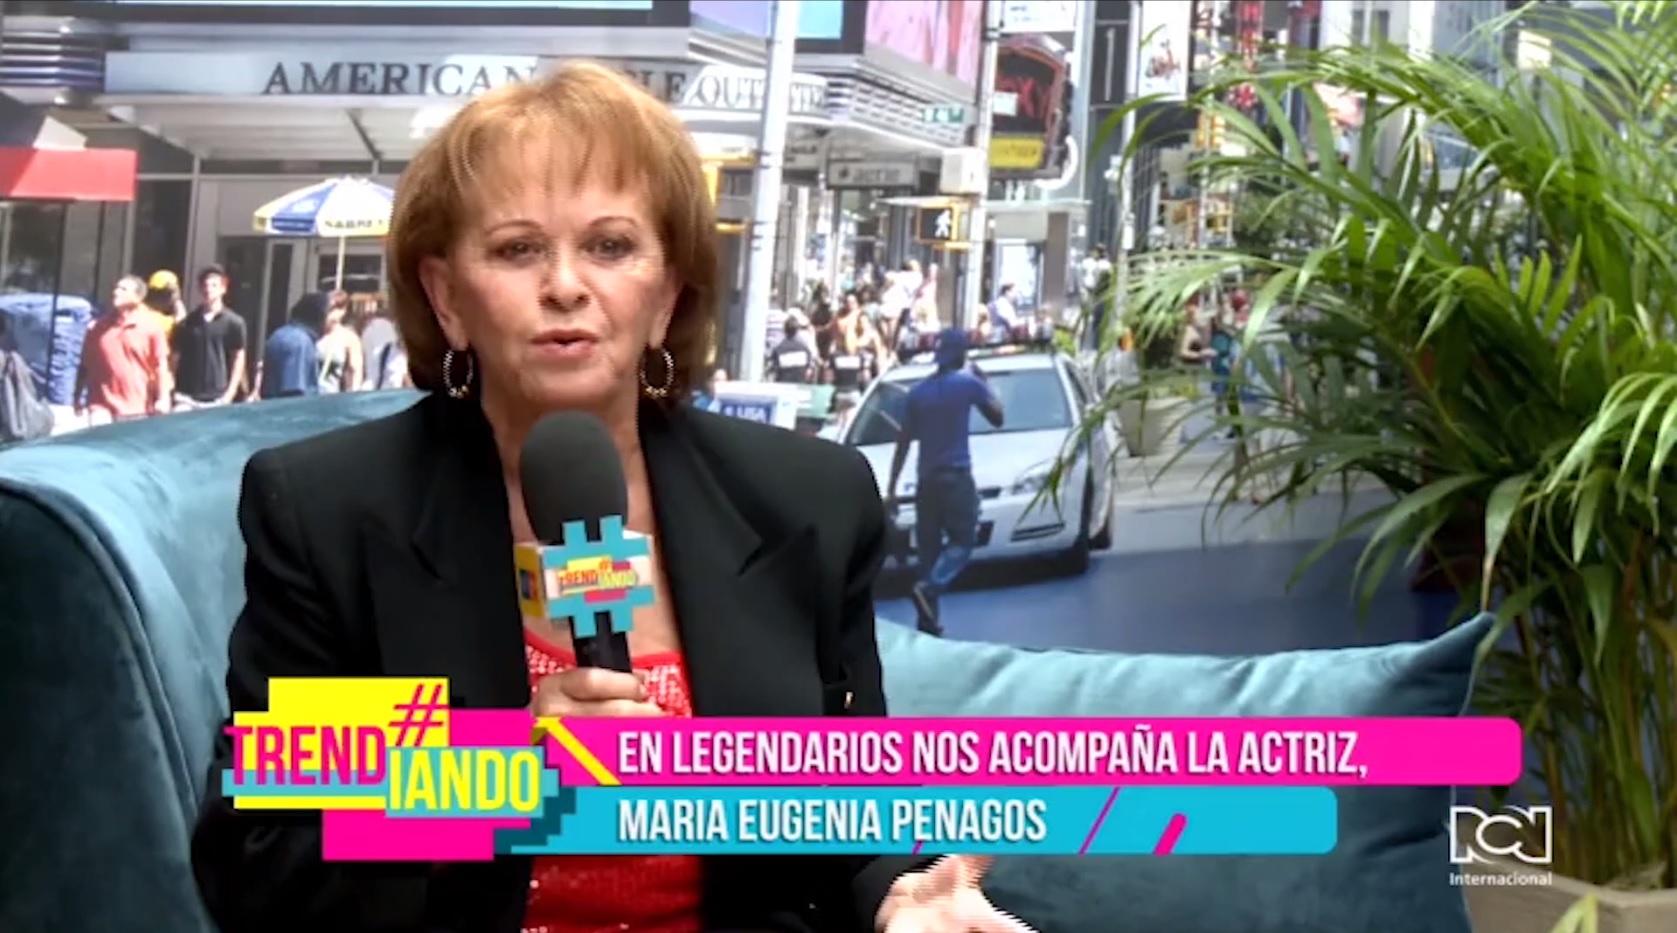 María Eugenia Penagos en 'Legendarios' de Trendiando